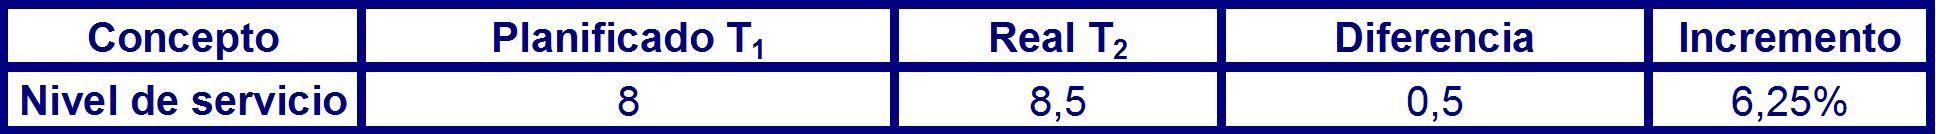 Tabla 34 desviación del nivel de servicio para el periodo P1 en el corto plazo.